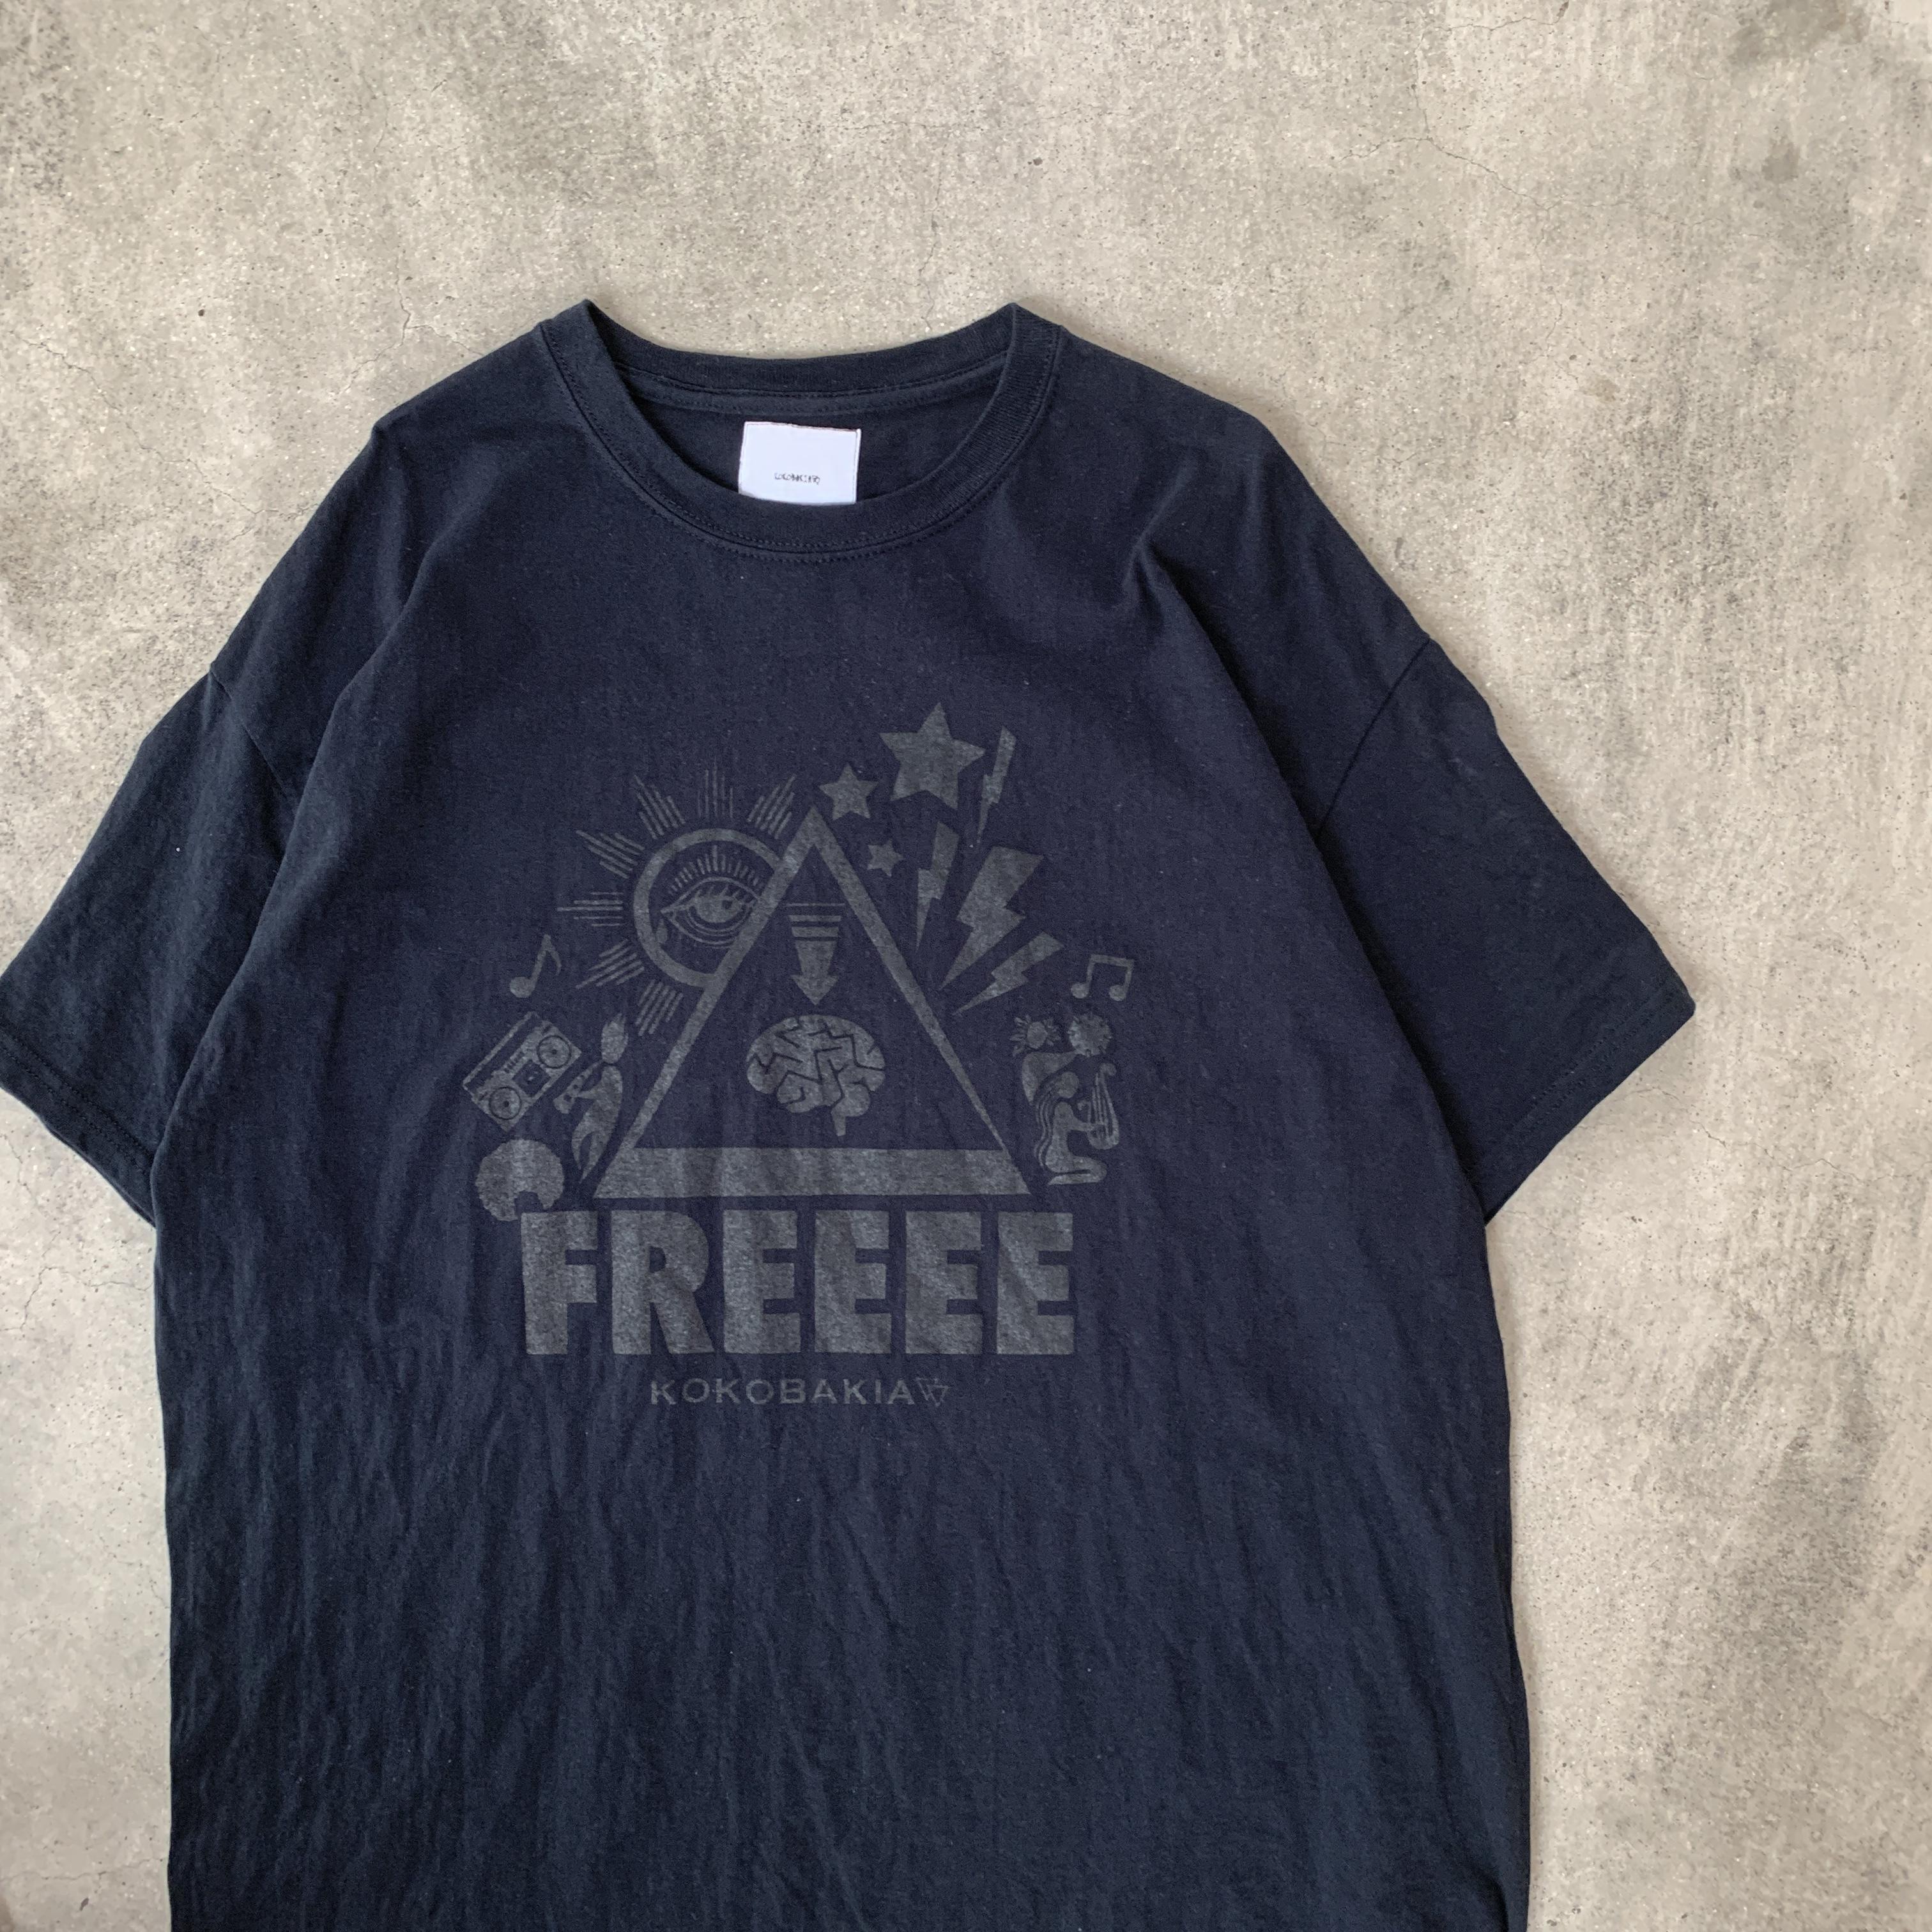 半袖 Tシャツ 復刻 FREEEE イラストTシャツ ブラック